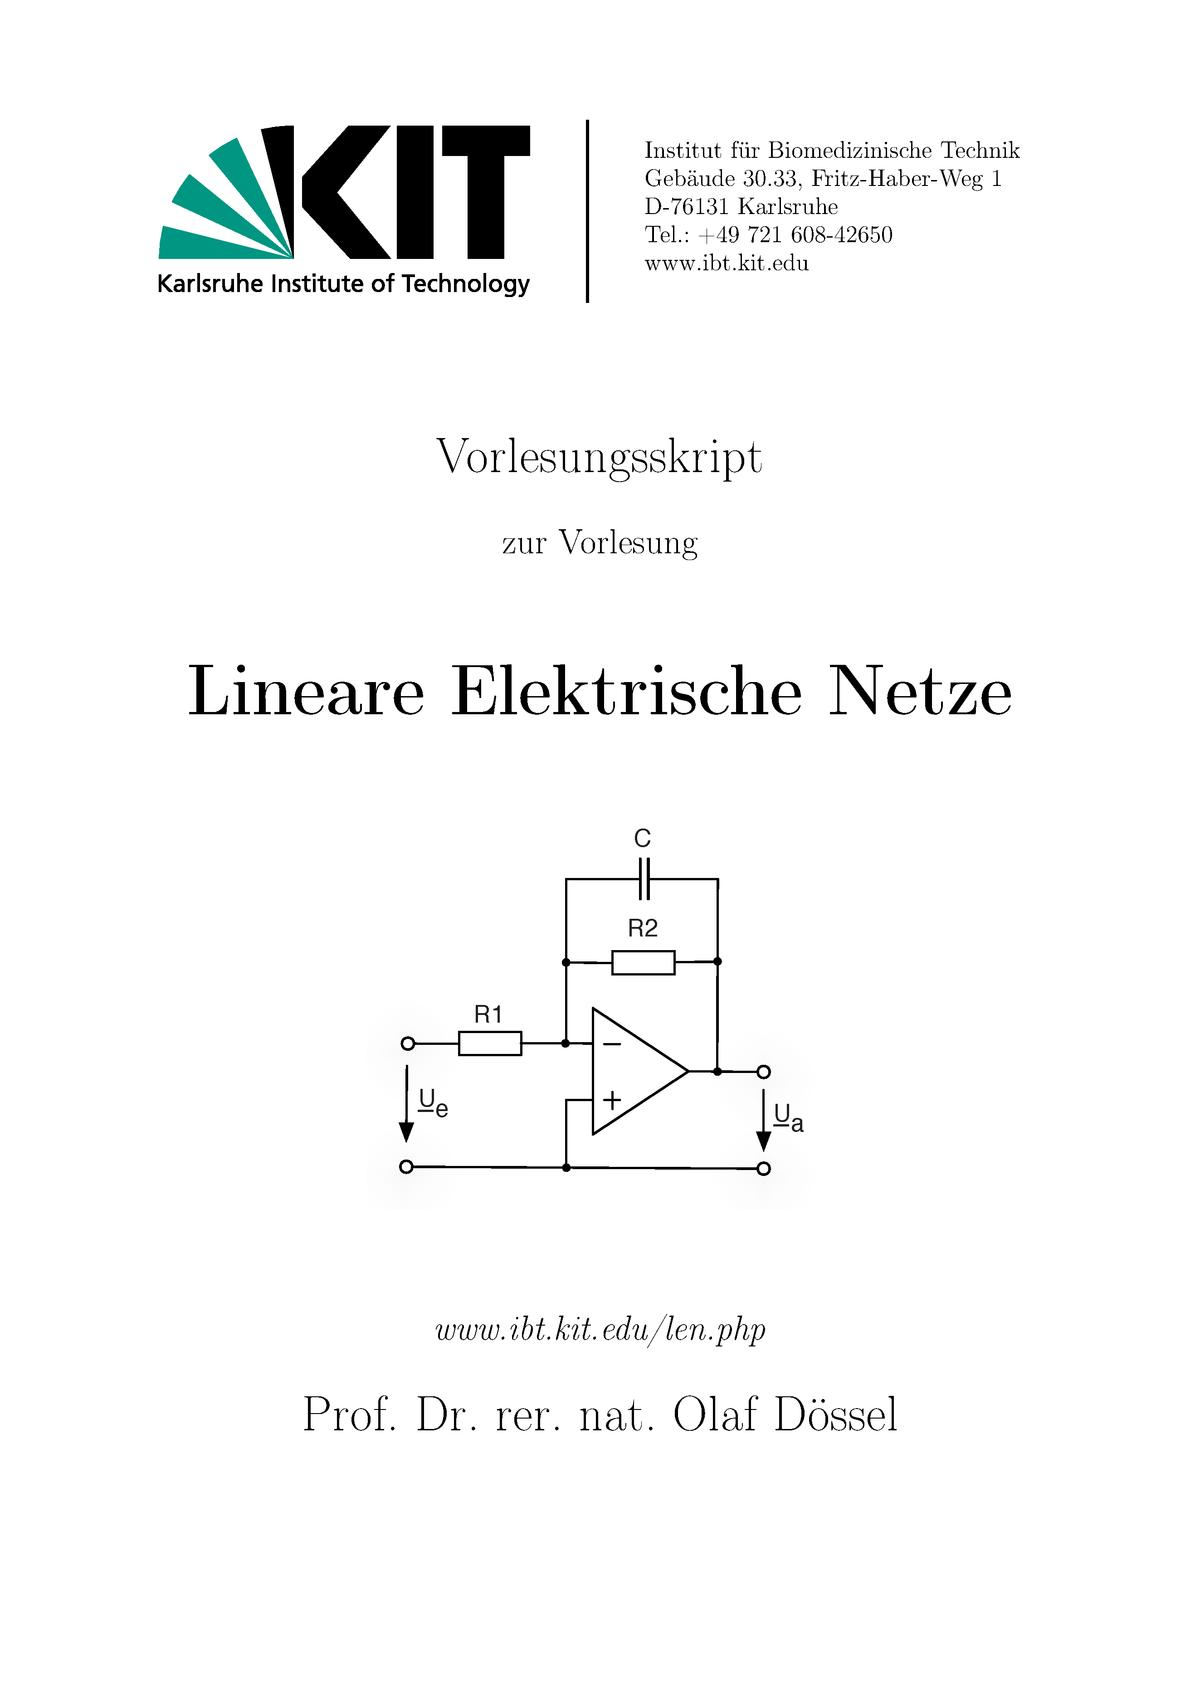 LEN Skript - 36856: Elektrodynamisches Verhalten in